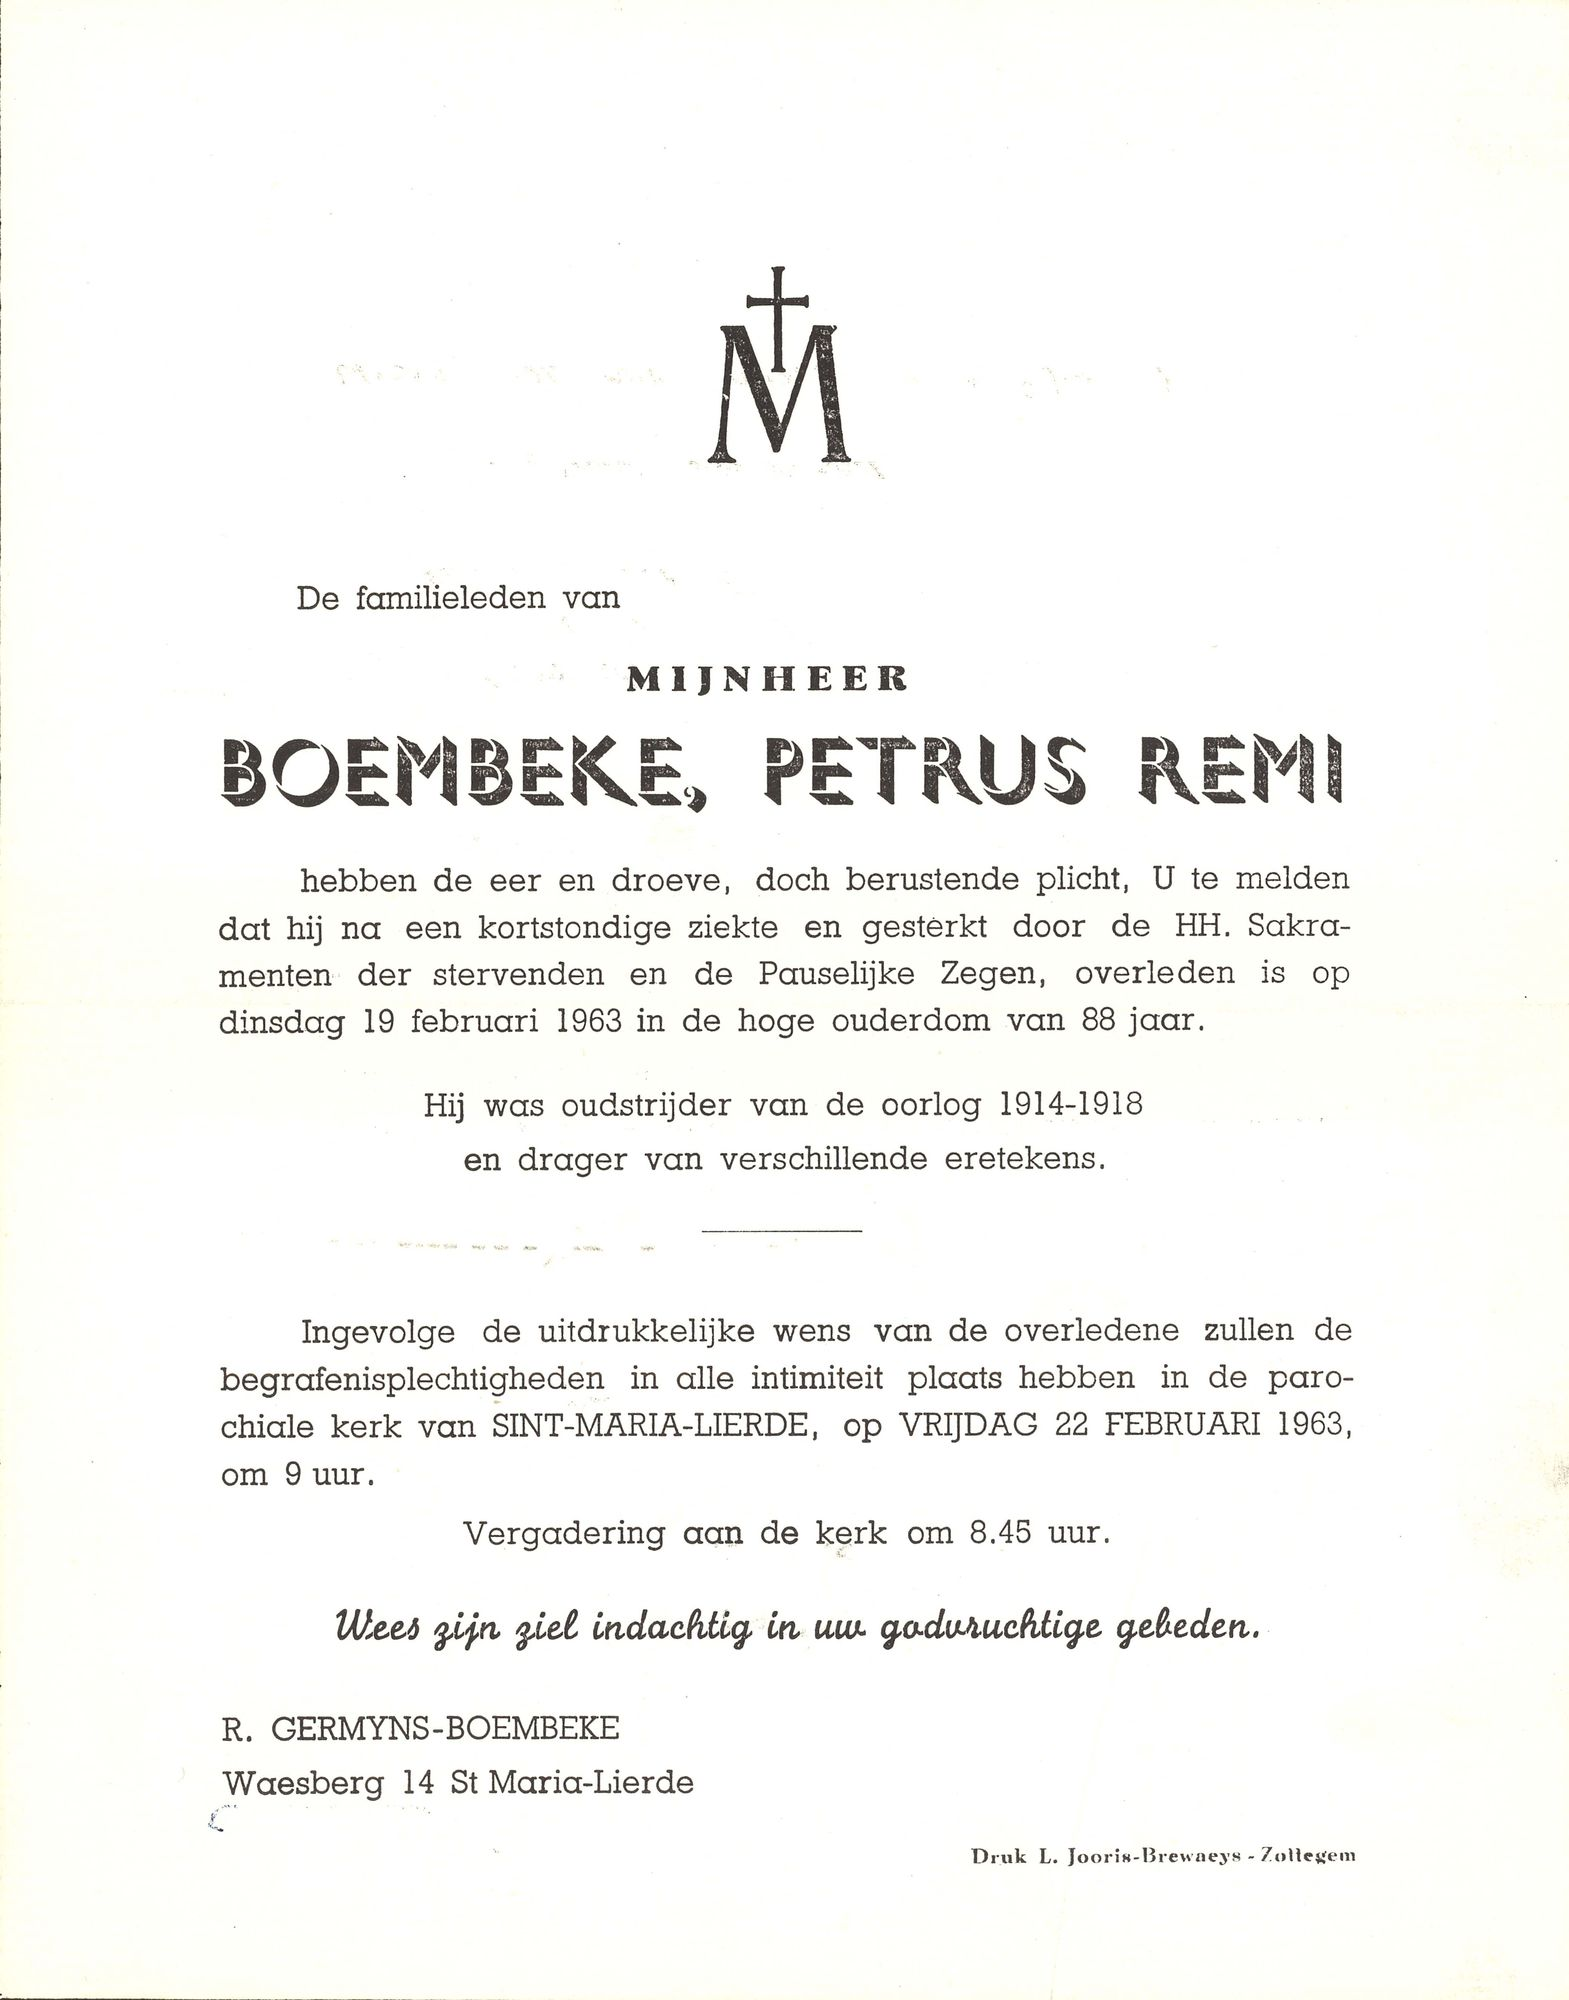 Boembeke Petrus Remi